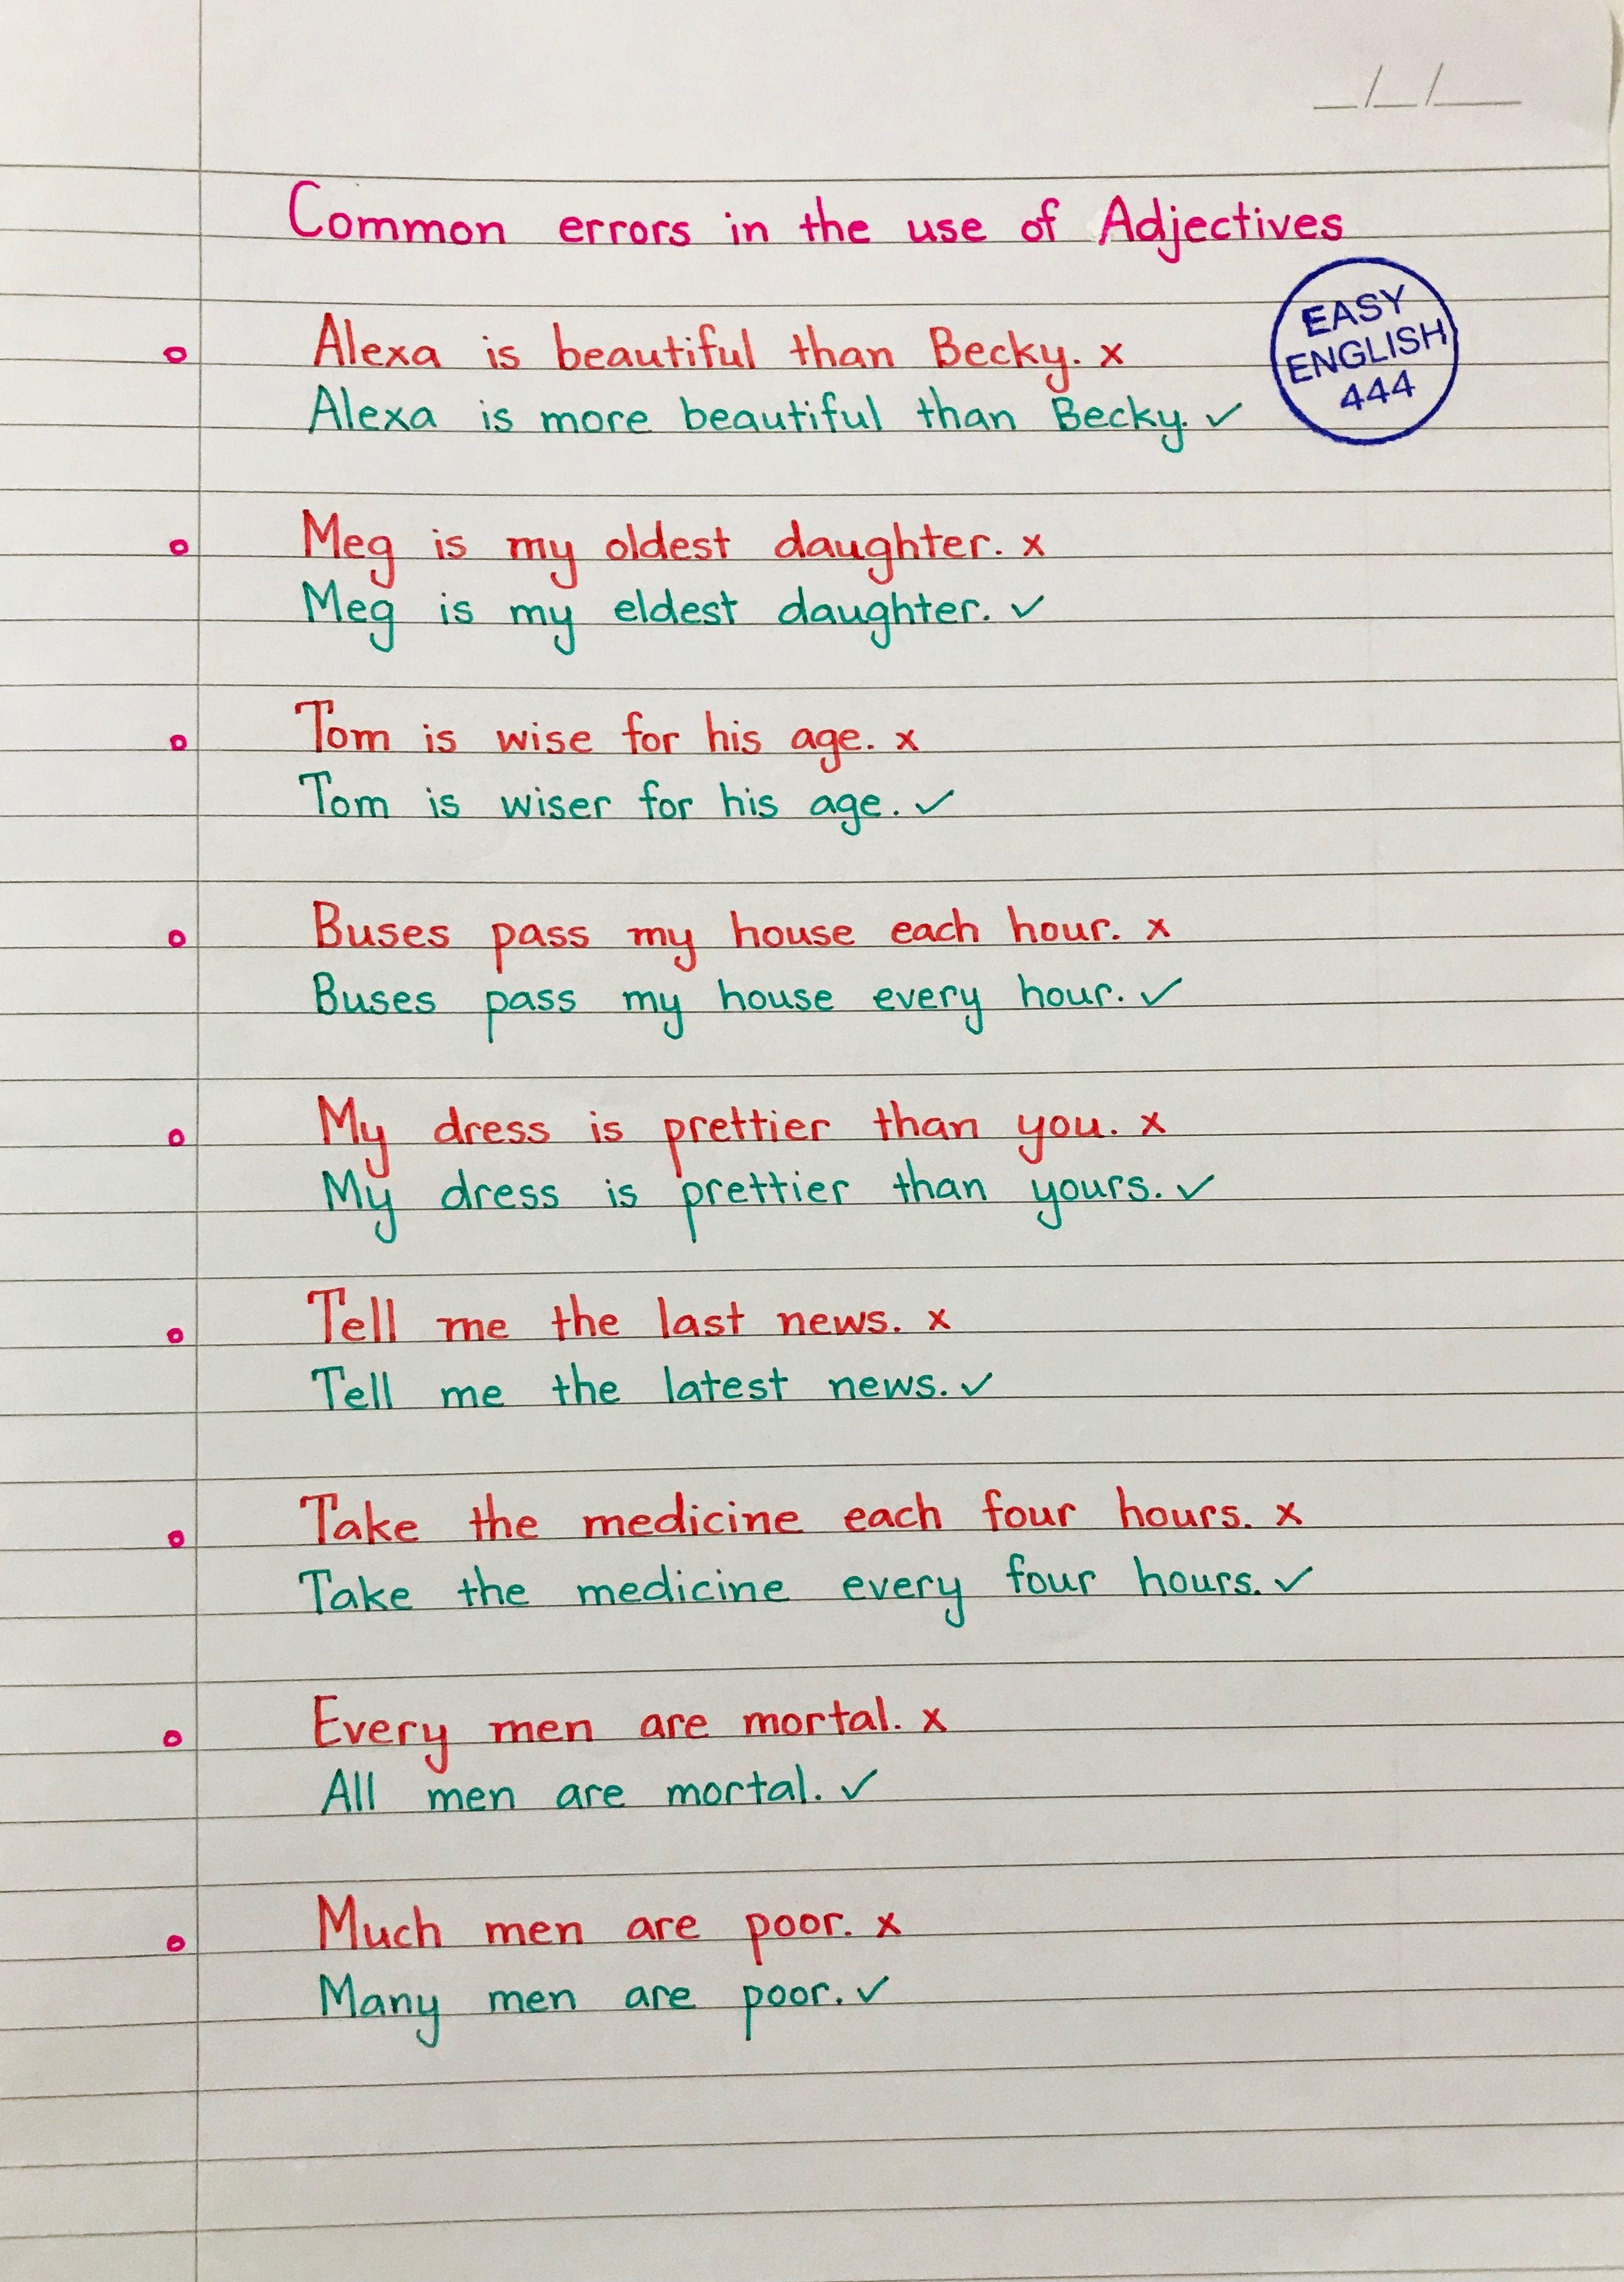 English Language Grammar Language English Handwritten